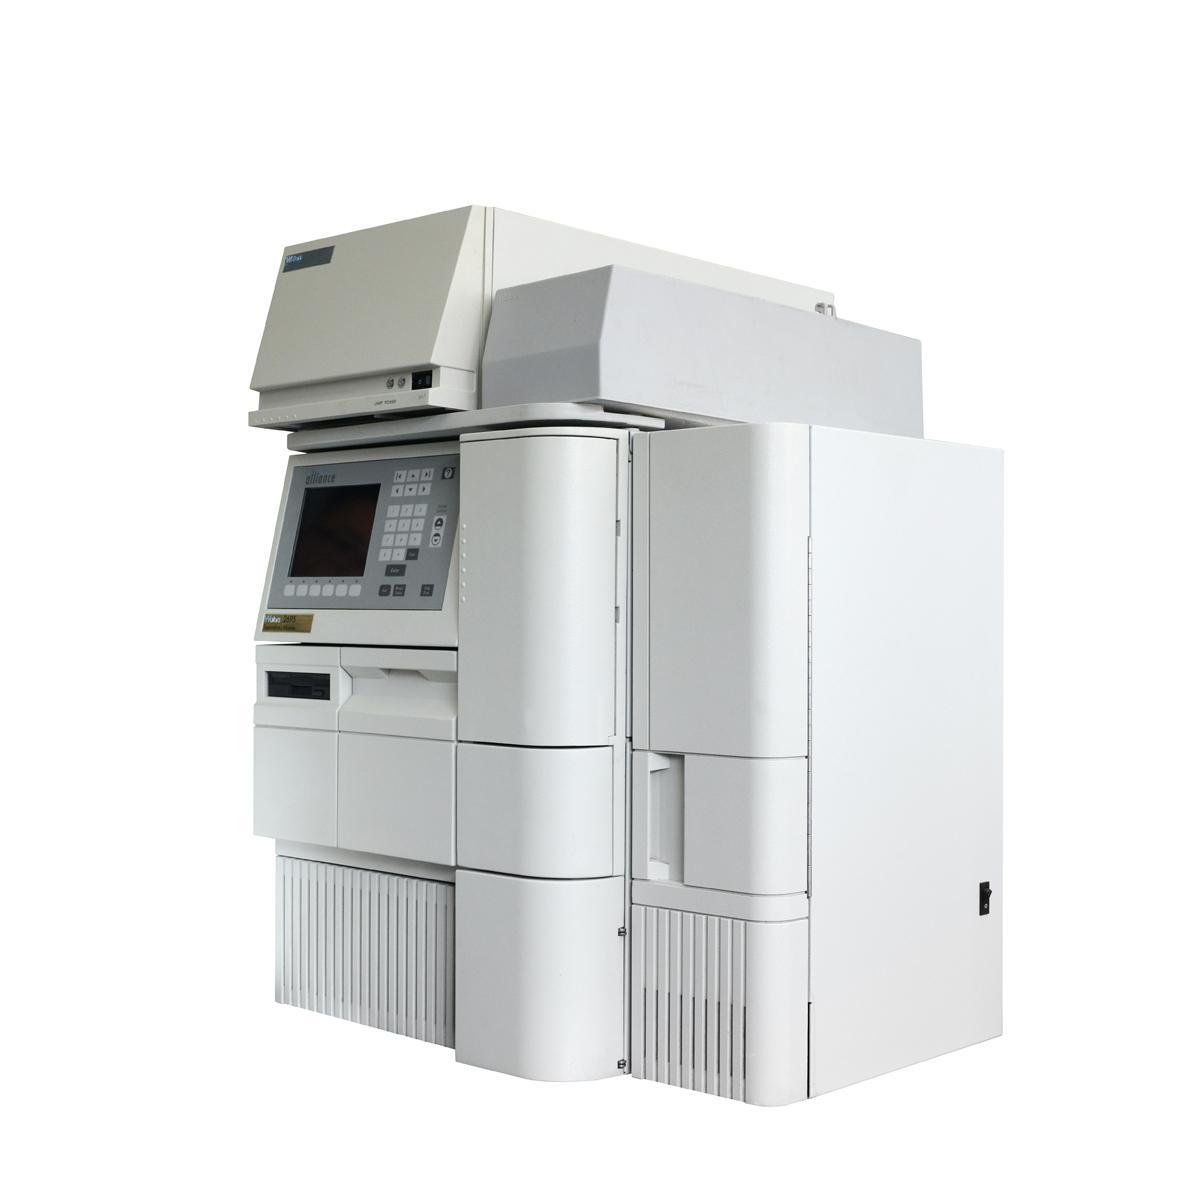 waters2695 高效液相色谱仪